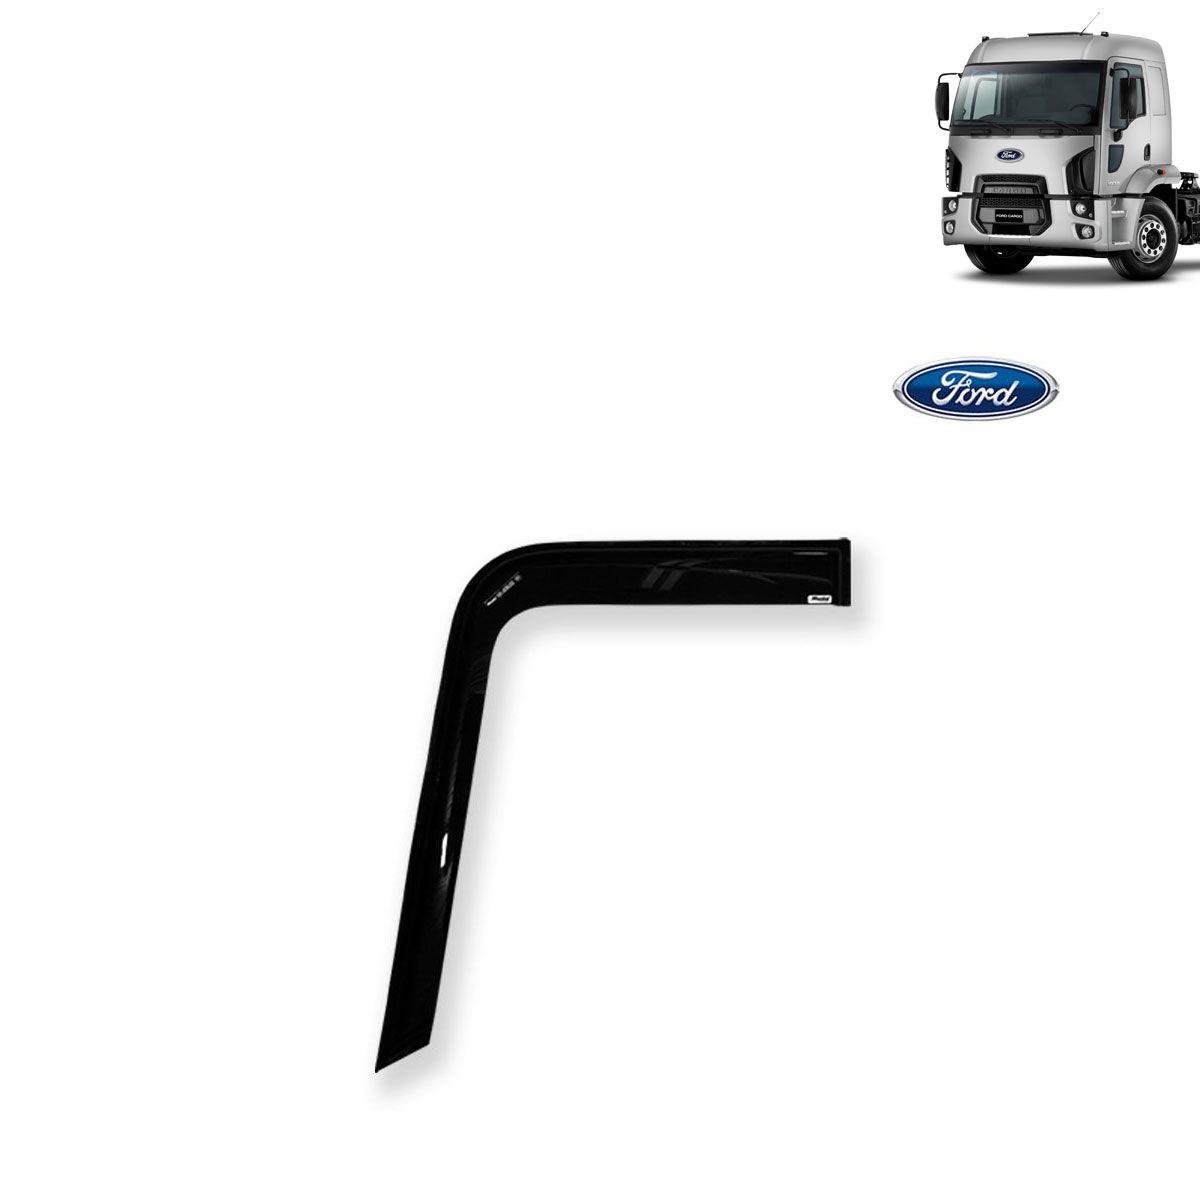 Calha de Chuva Porta para Caminhão Ford Cargo 2012 (Fixação Vidro)